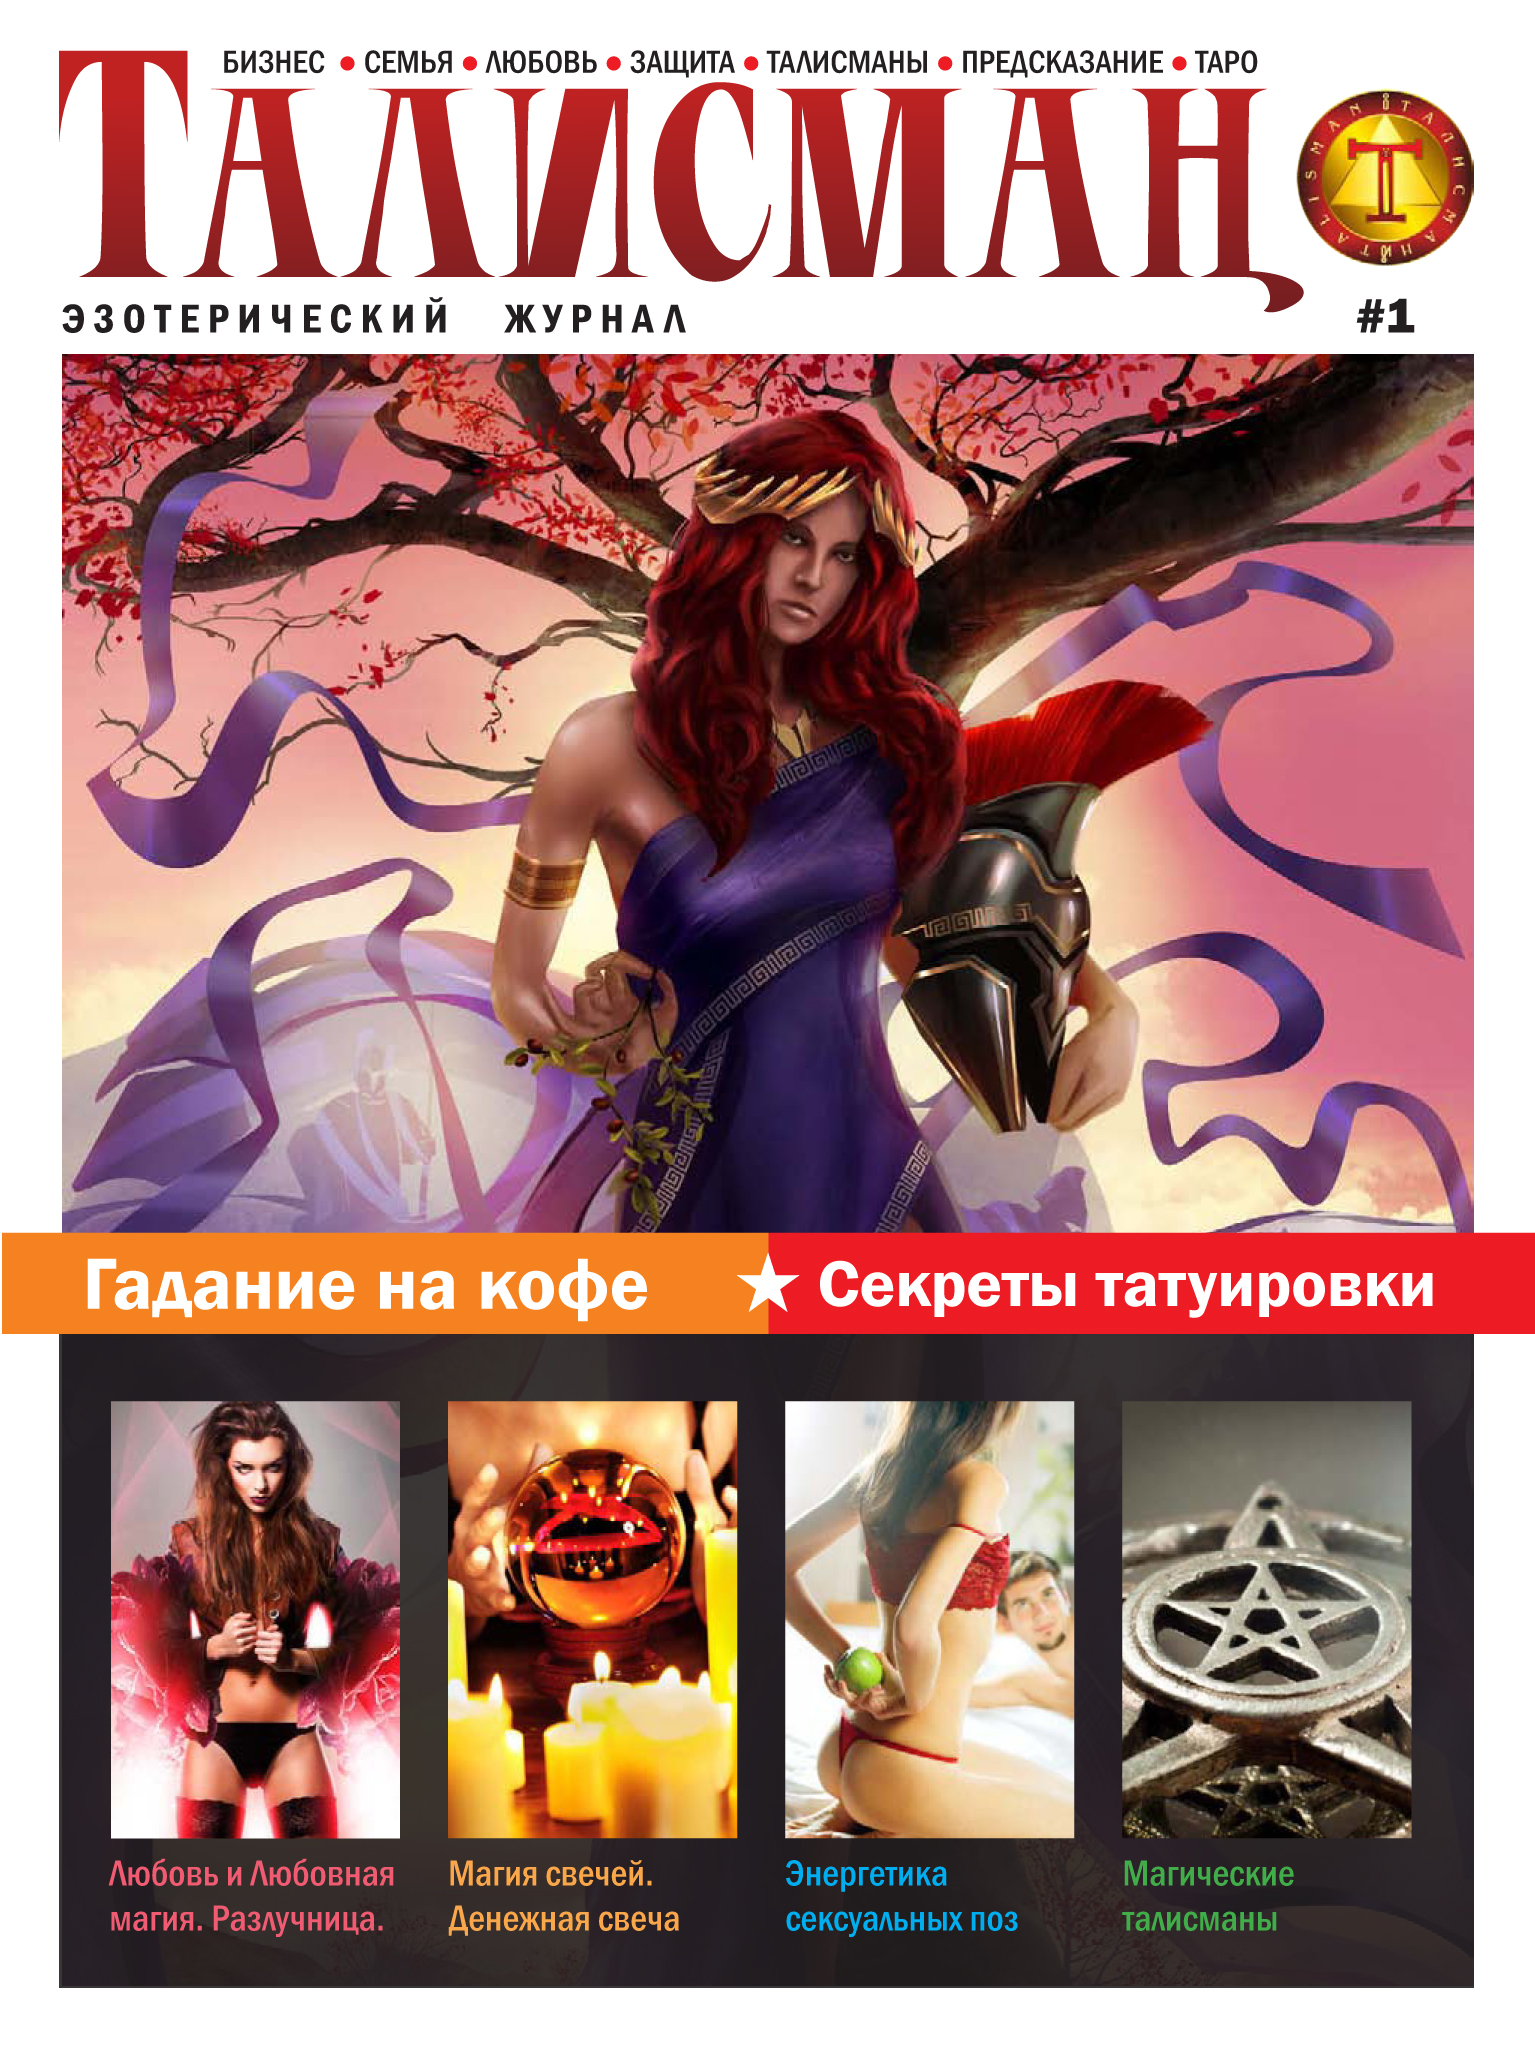 Талисман. Эзотерический журнал. №01